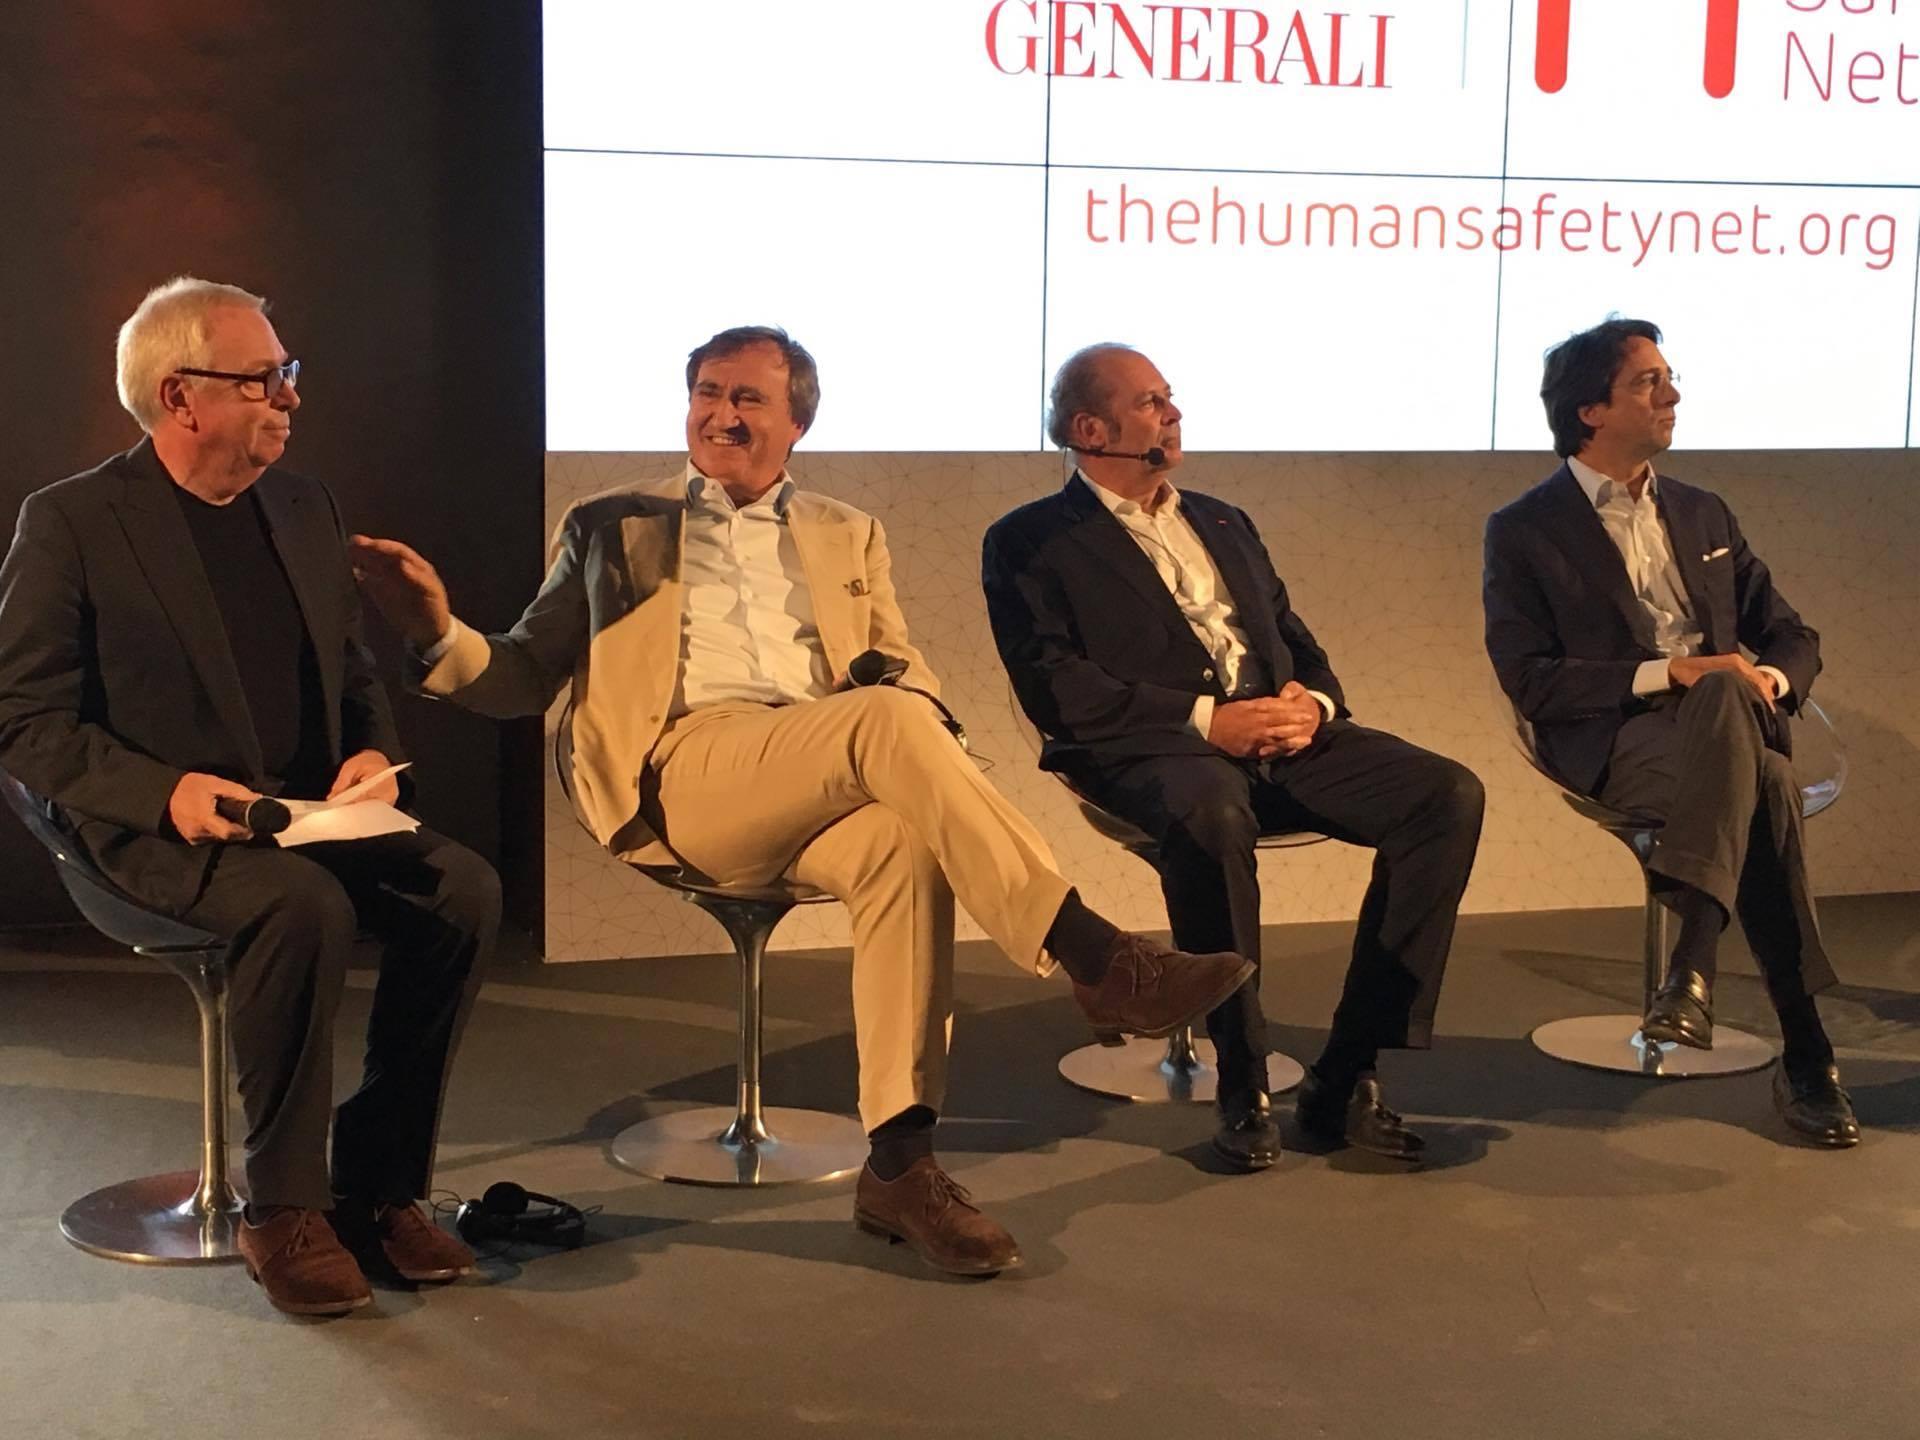 Από αριστερά οι κ.κ. David Chipperfield, ο ιδρυτής της David Chipperfield Architects, ο Luigi Brugnaro, Δήμαρχος της Βενετίας, Philippe Donnet, Διευθύνων Σύμβουλος Ομίλου Generali και Simone Bemporad, Διευθυντής Επικοινωνίας και Δημοσίων Σχέσεων Ομίλου Generali